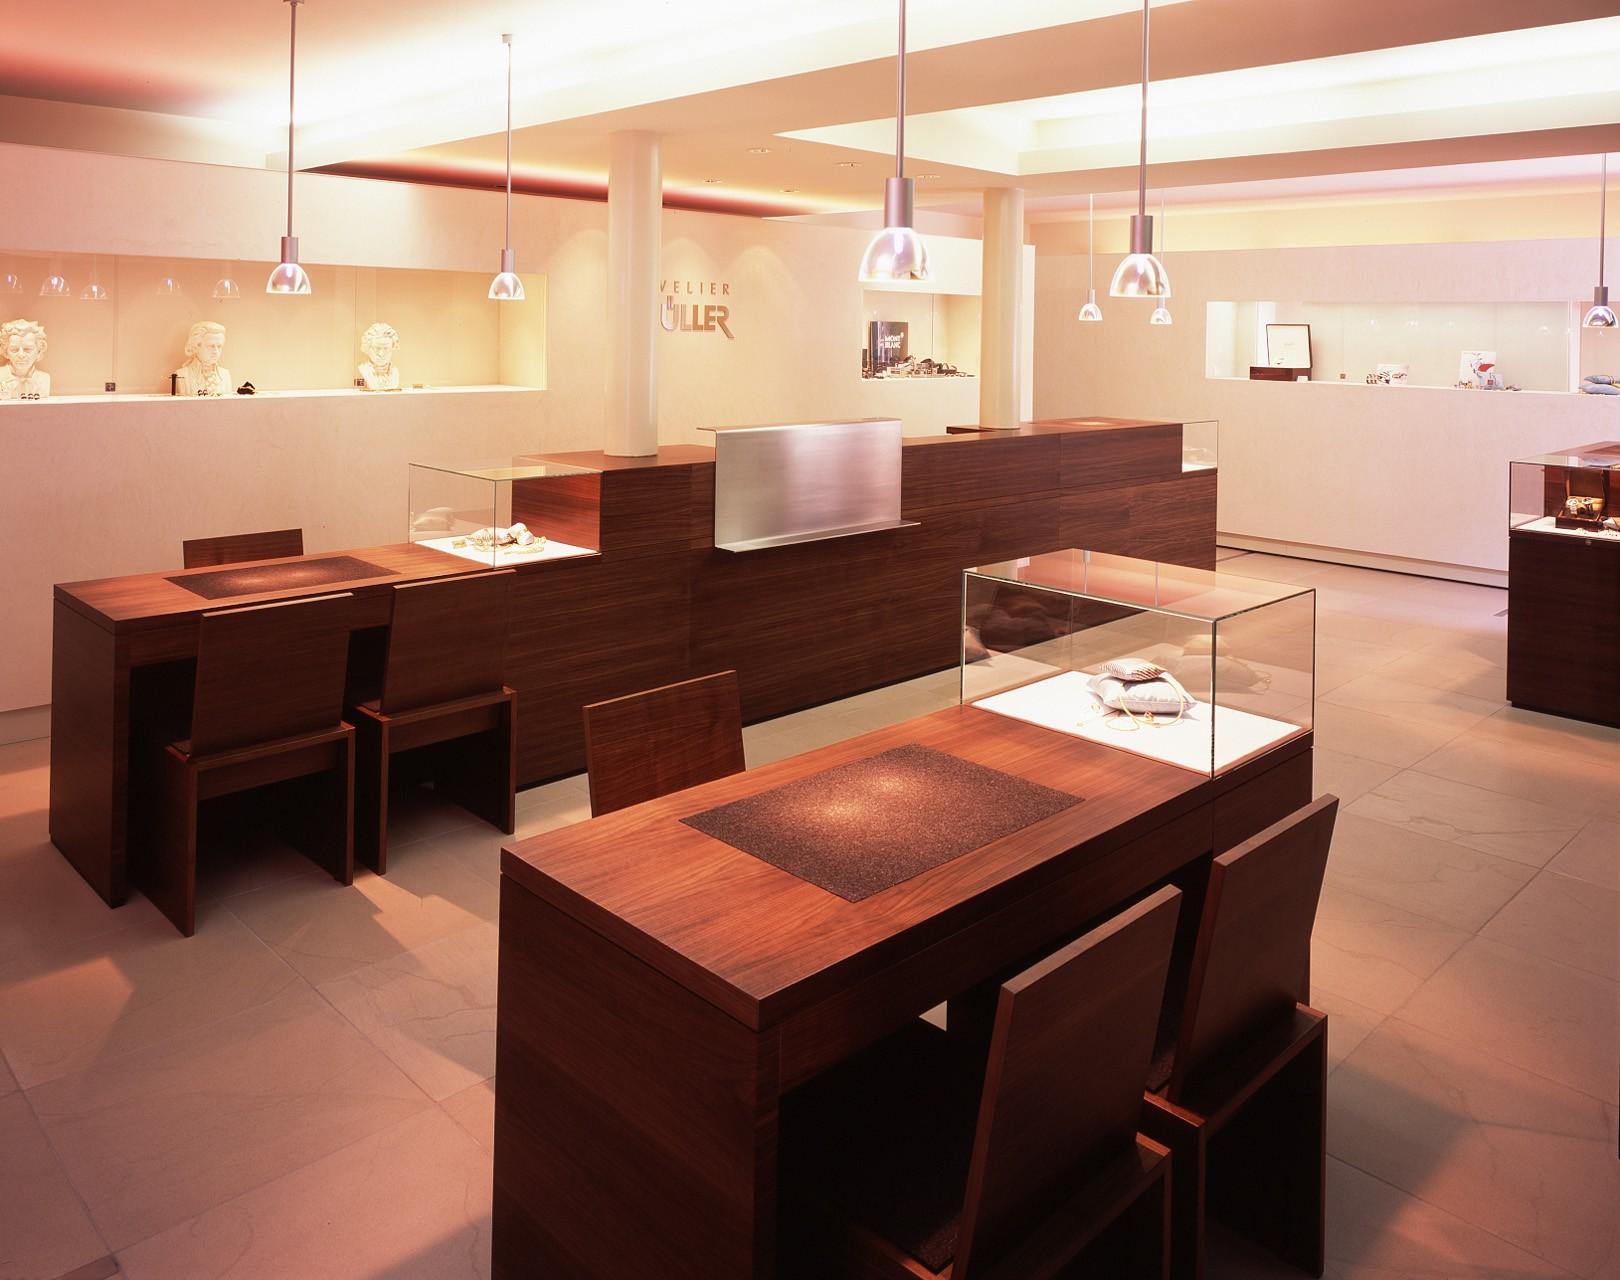 architektur-plus-raum-juwelier-mueller-10_Katego-header-4